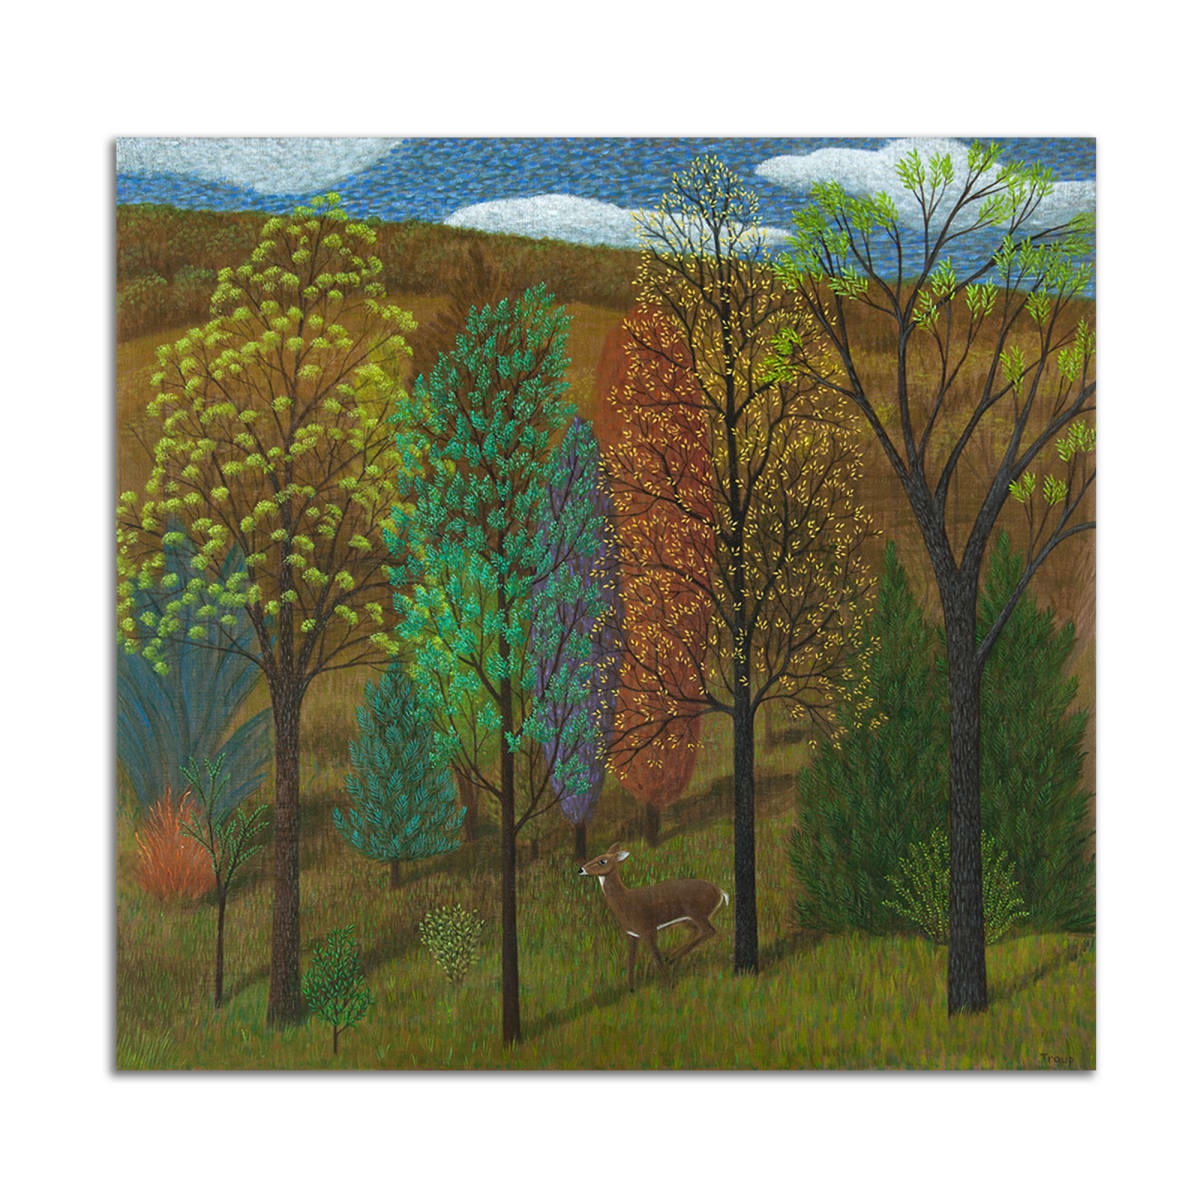 Deer in Trees by Jane Troup